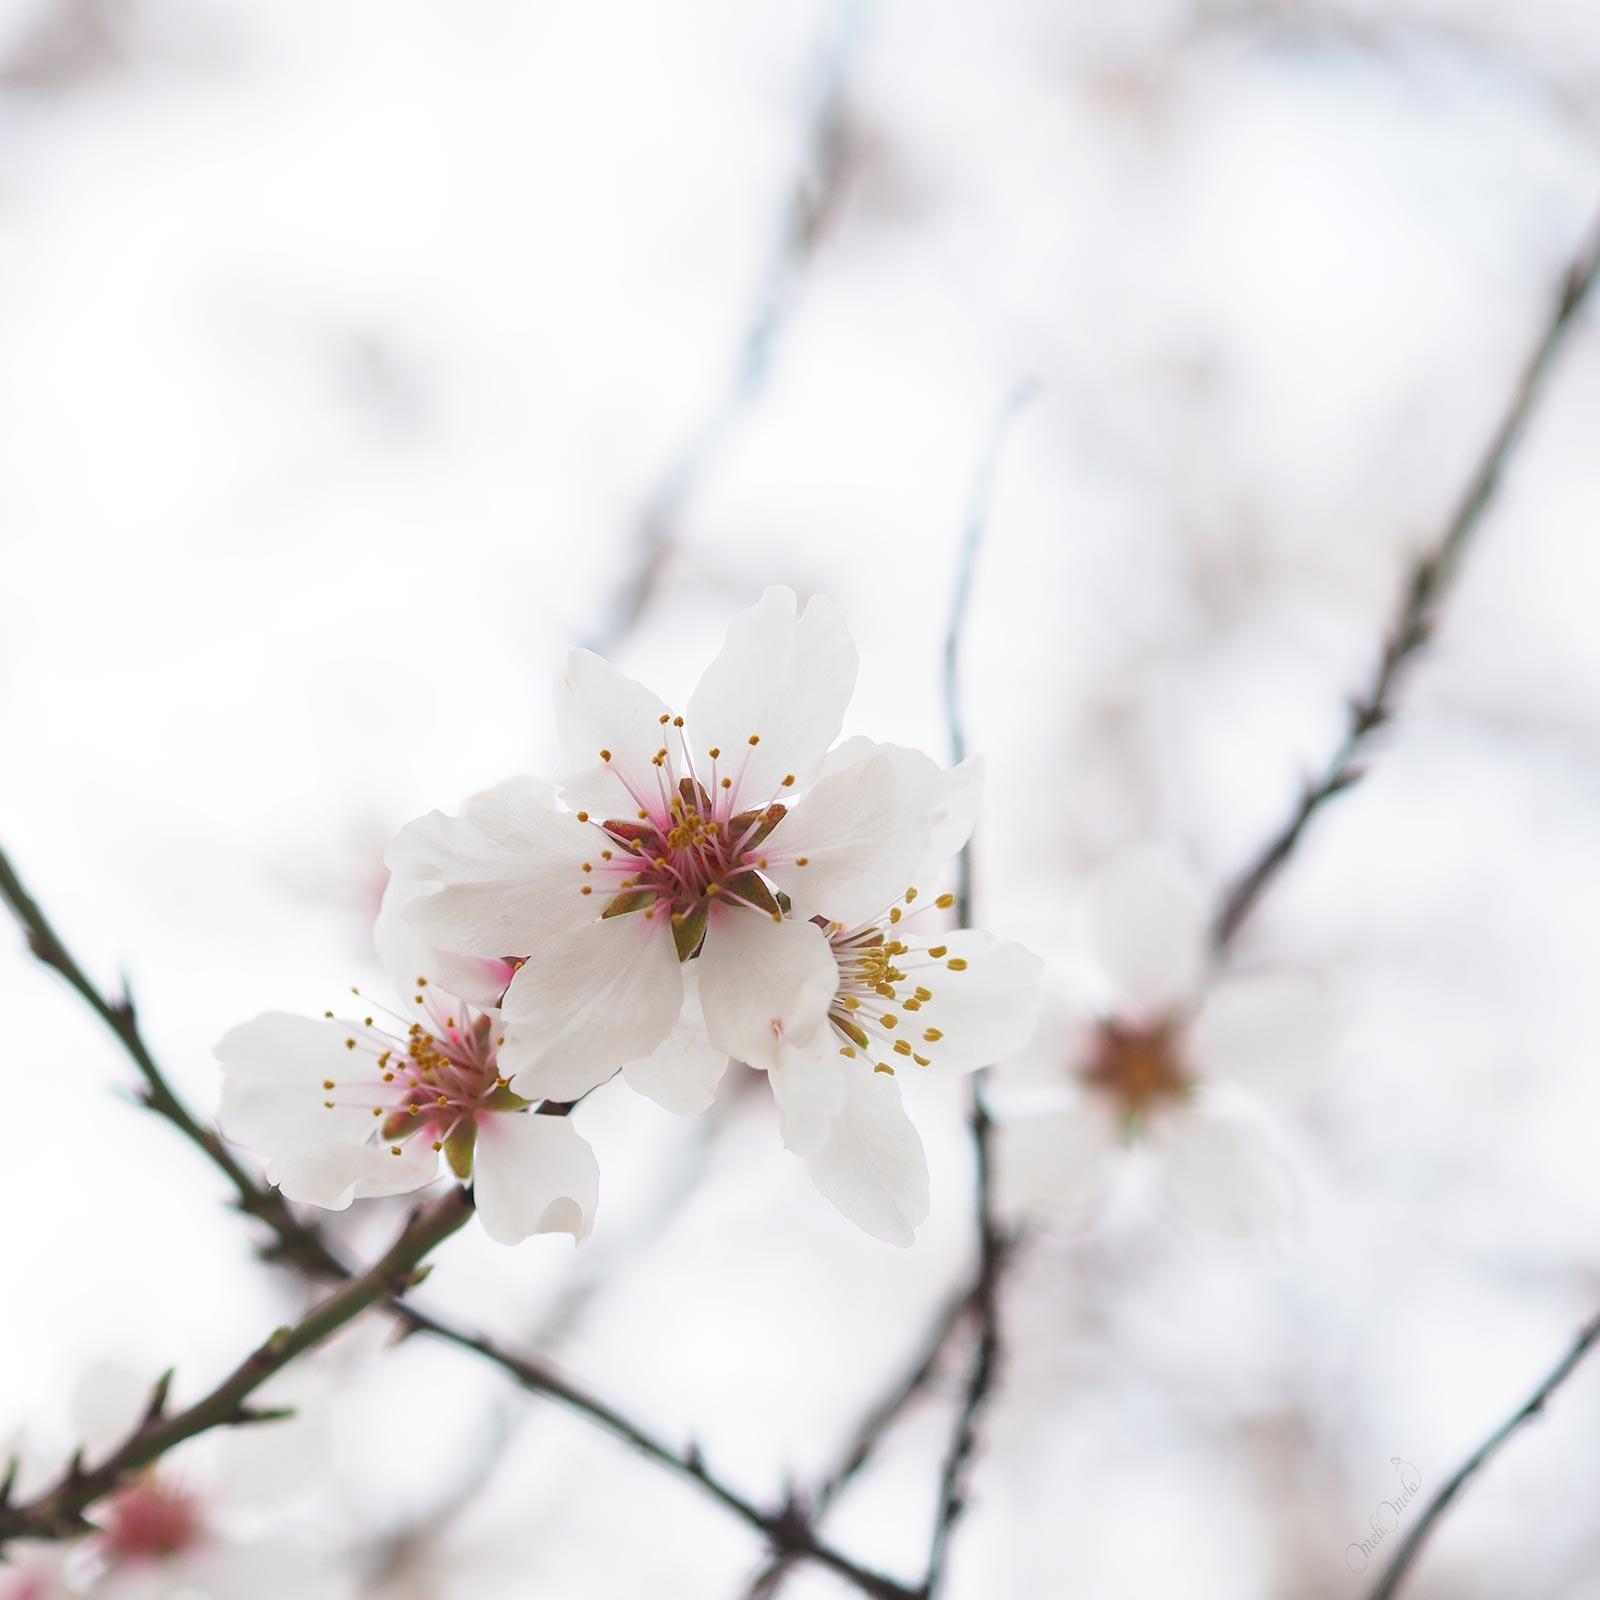 parfum premières fleurs printemps floración primavera valladolid laboutiquedemelimelo